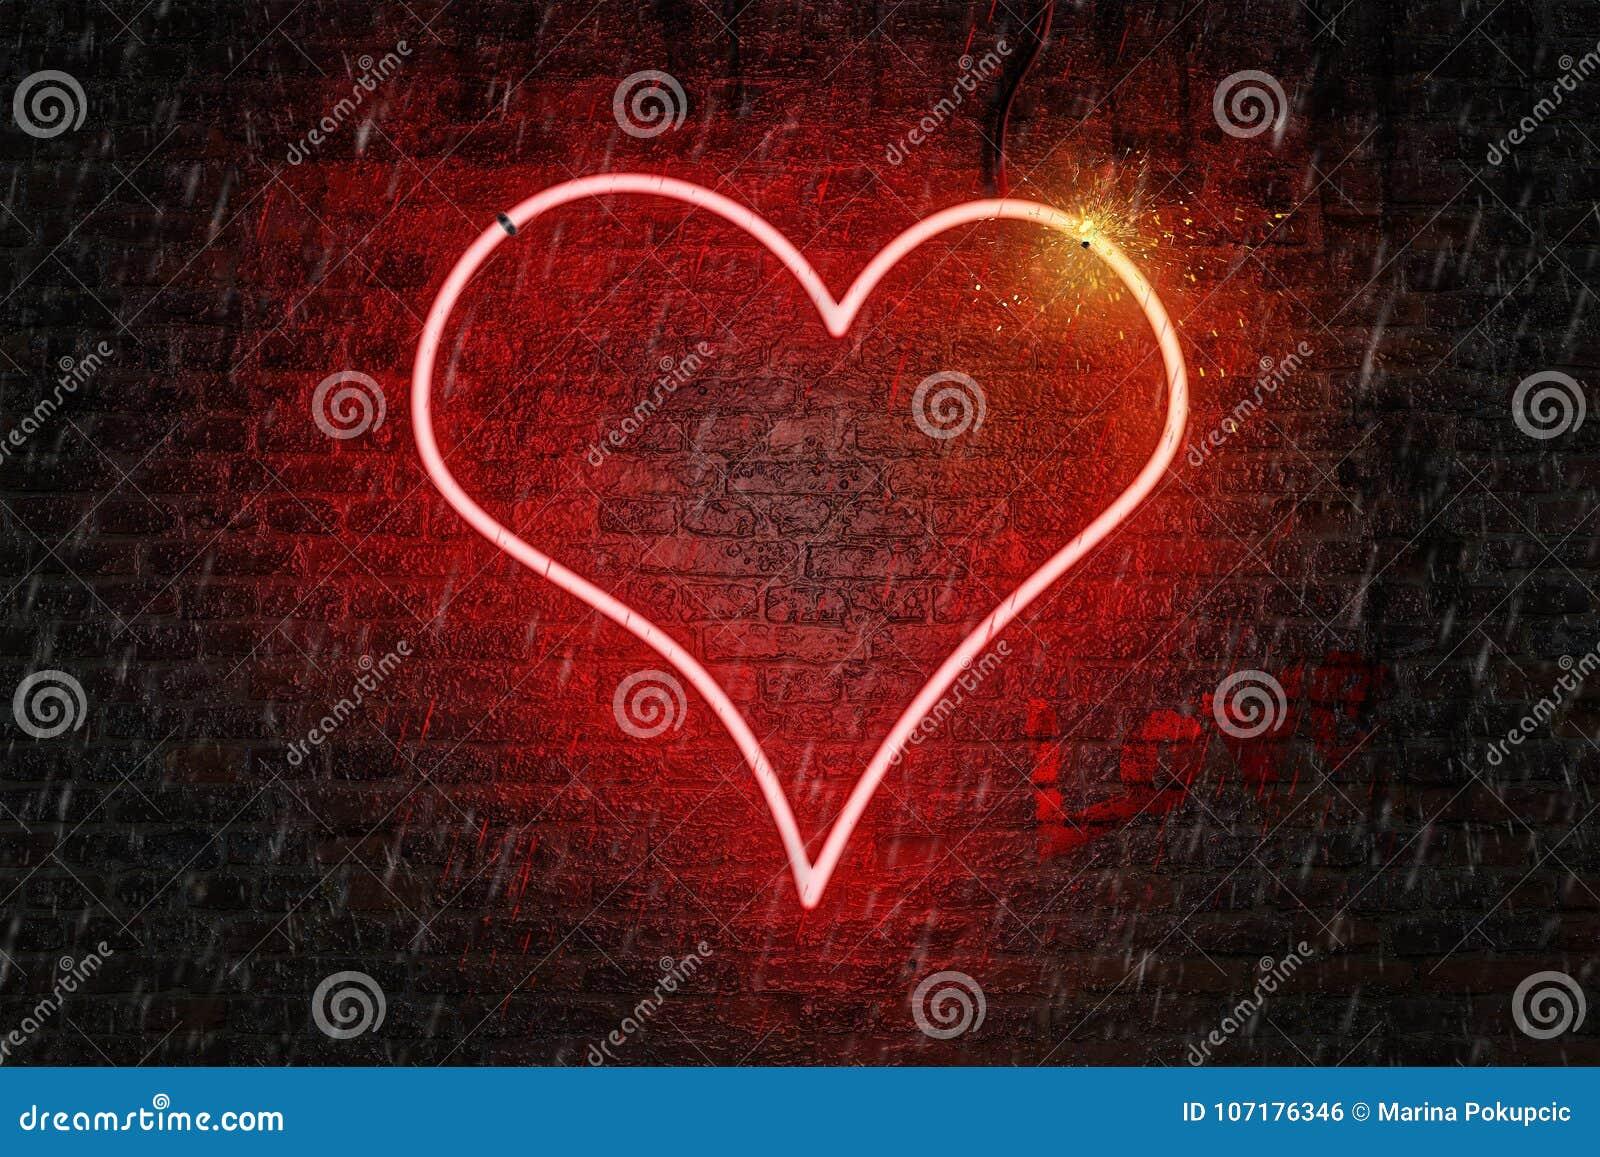 Κόκκινο διαμορφωμένο καρδιά σημάδι νέου σε έναν υγρό τουβλότοιχο